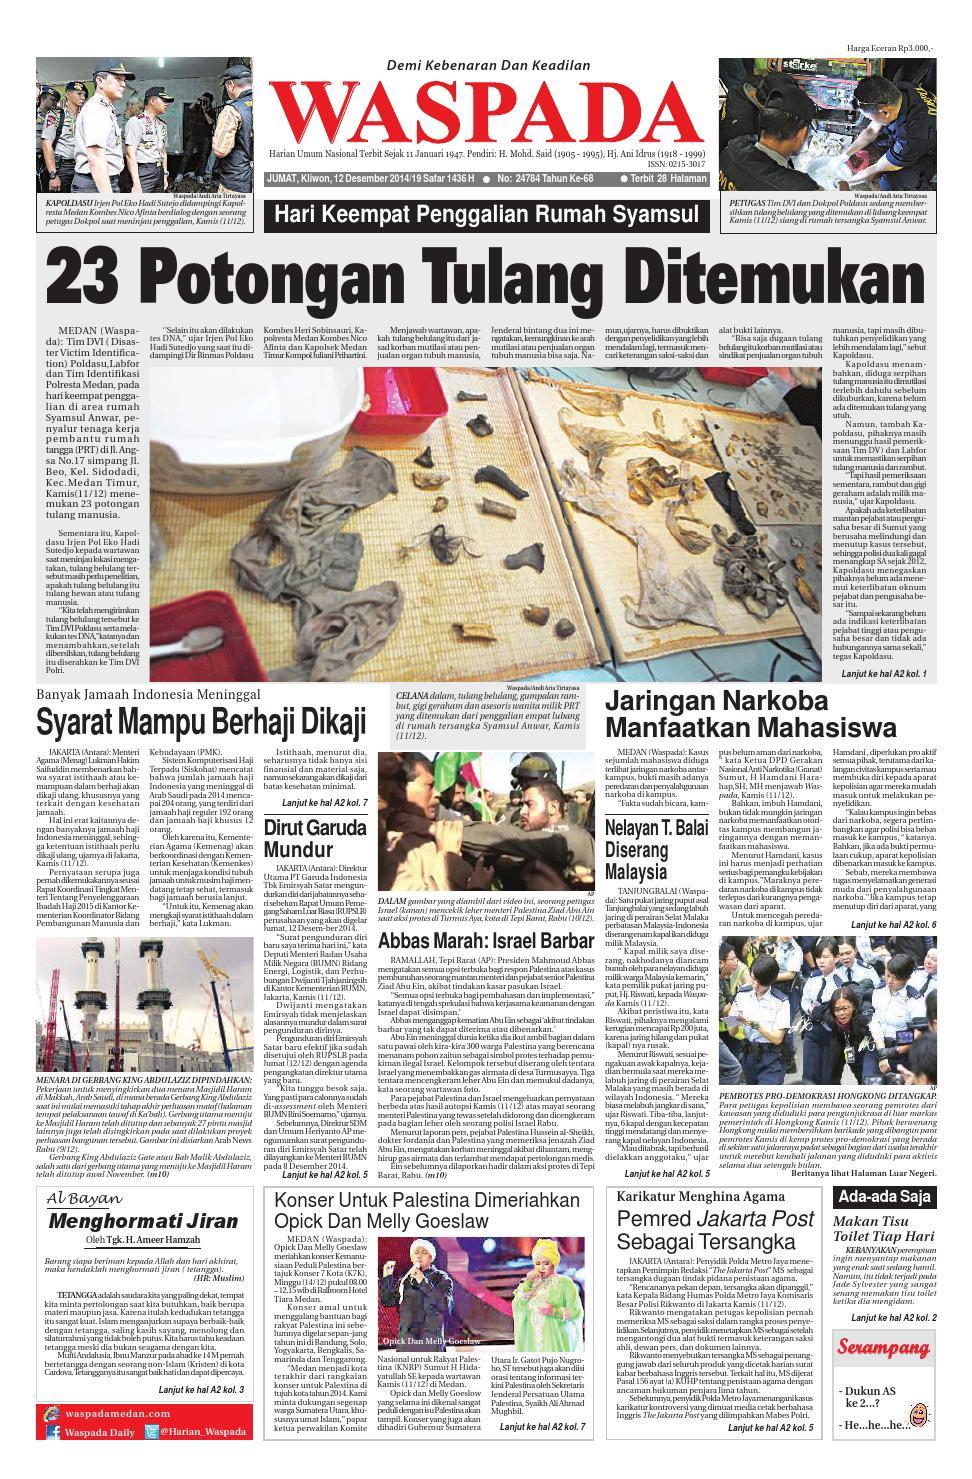 Waspada Jumat 12 Desember 2014 By Harian Waspada Issuu